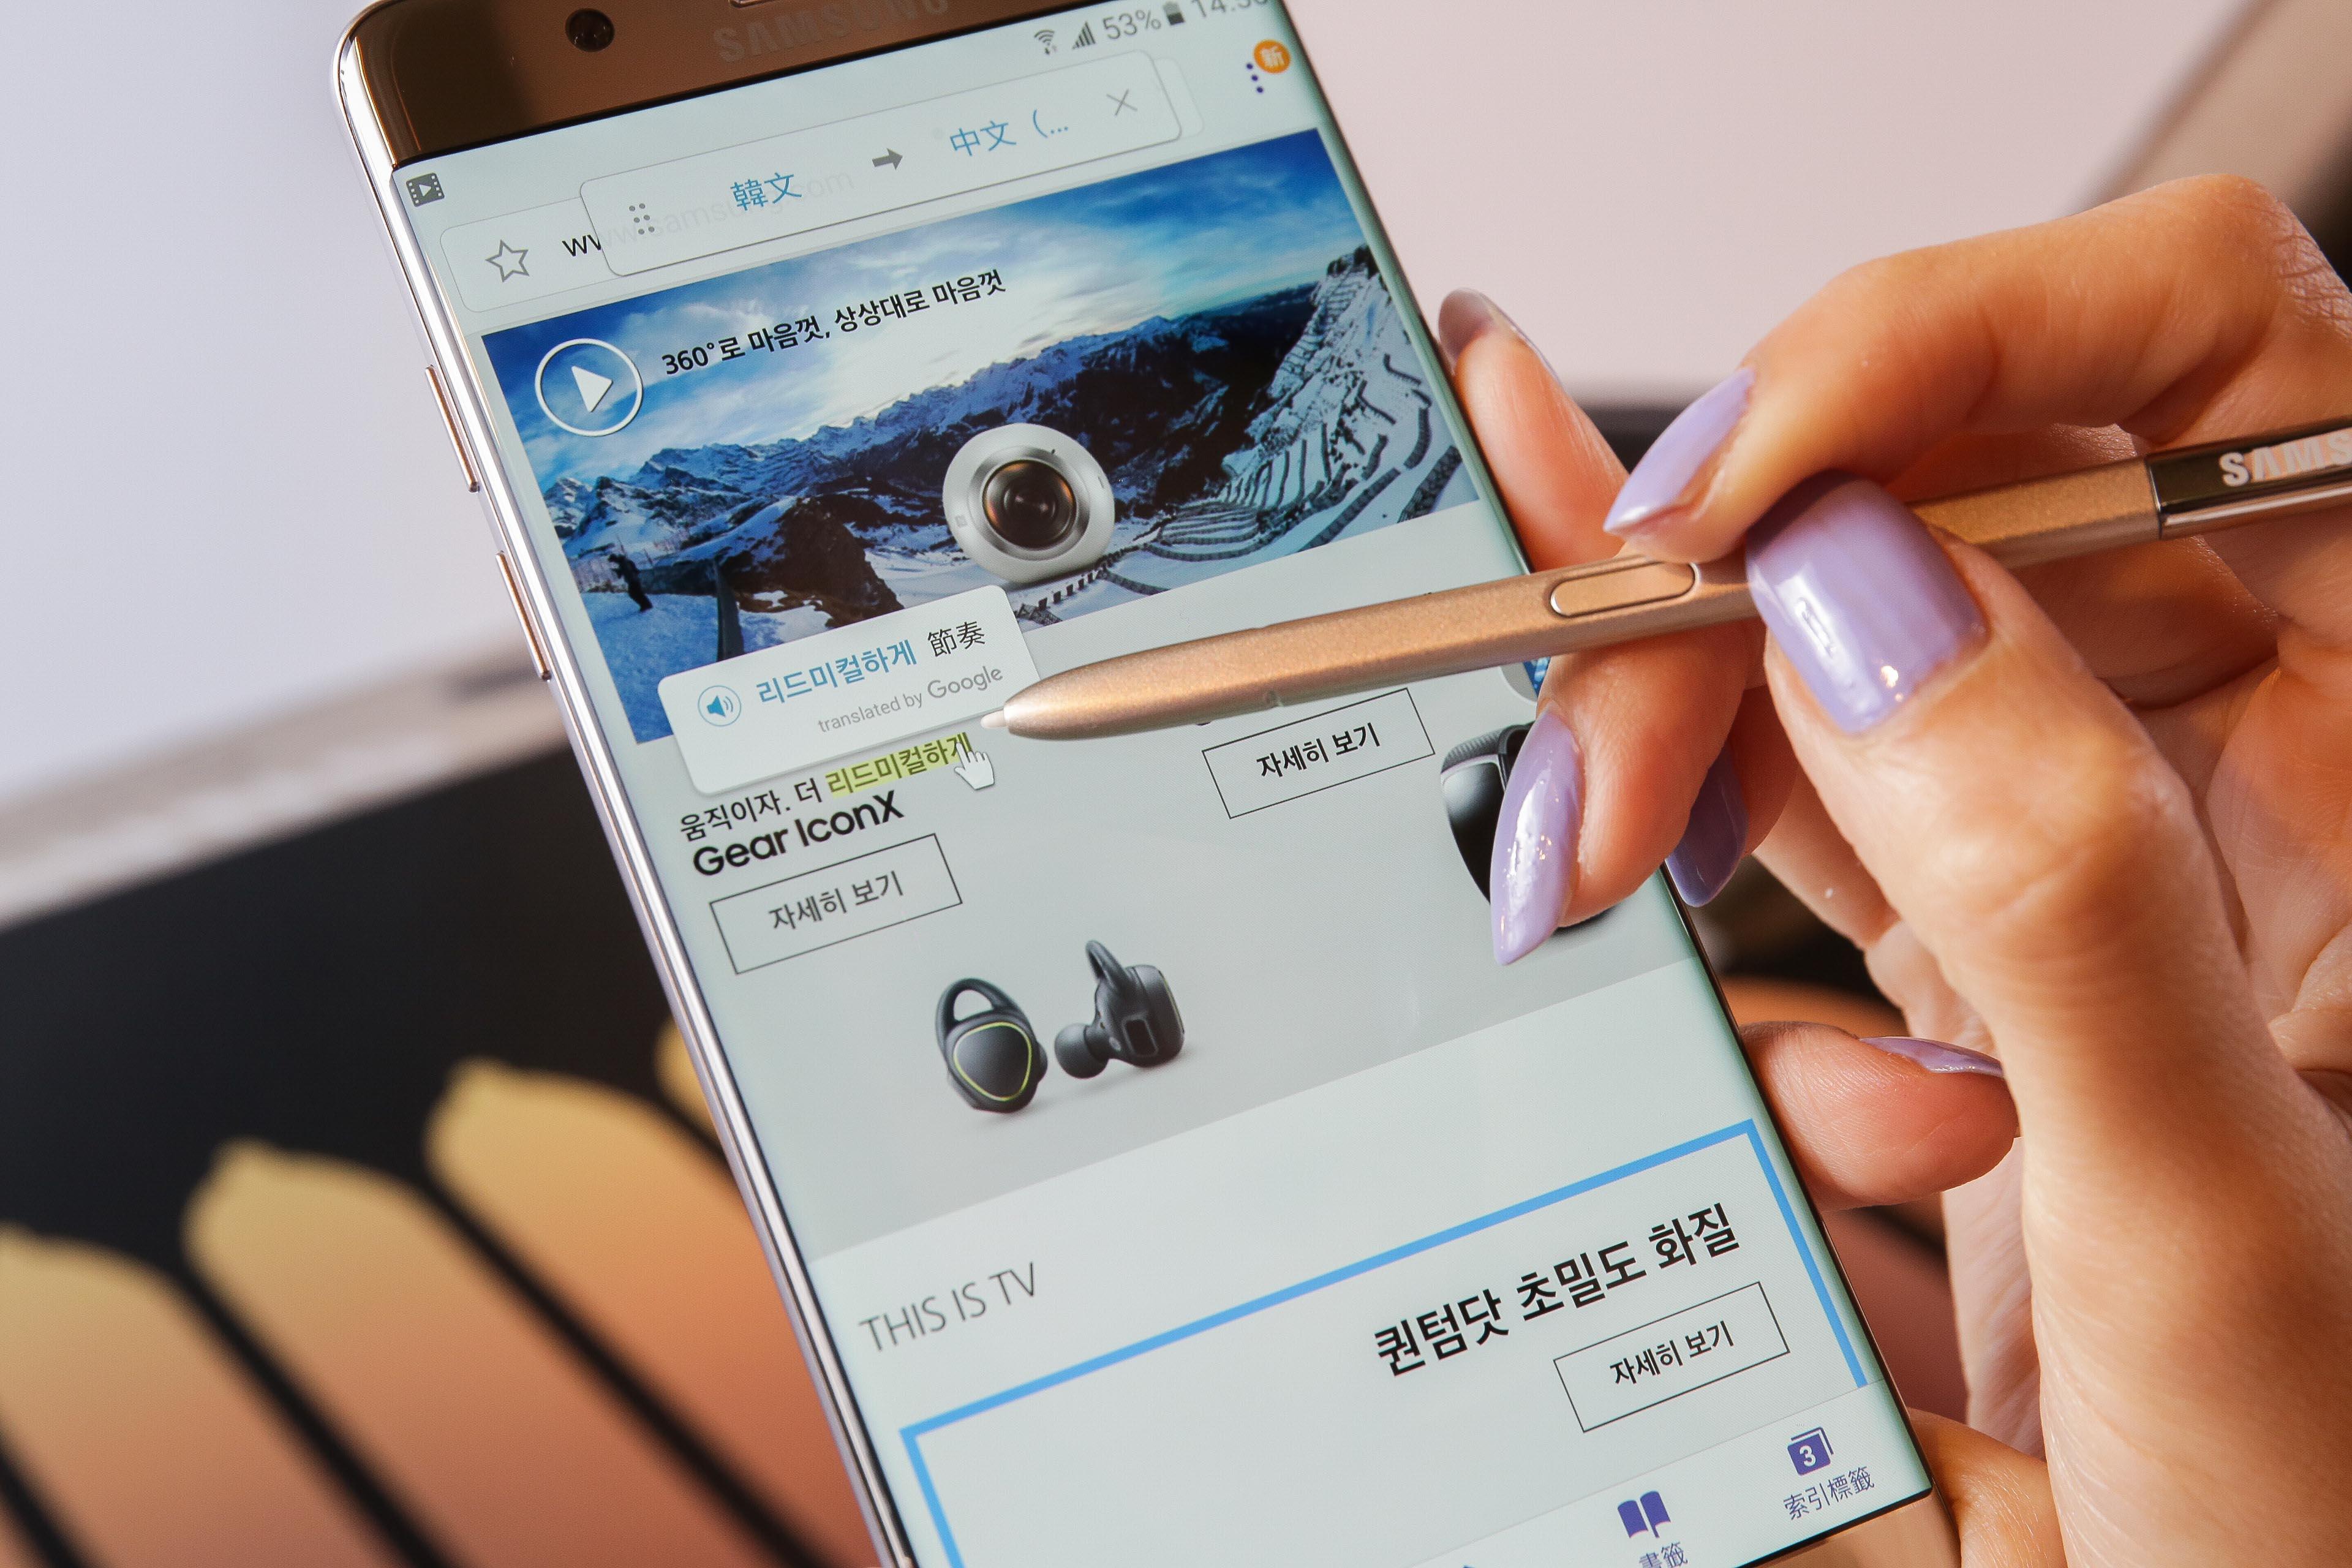 果然超乎7待!Samsung Galaxy Note 7功能大躍進